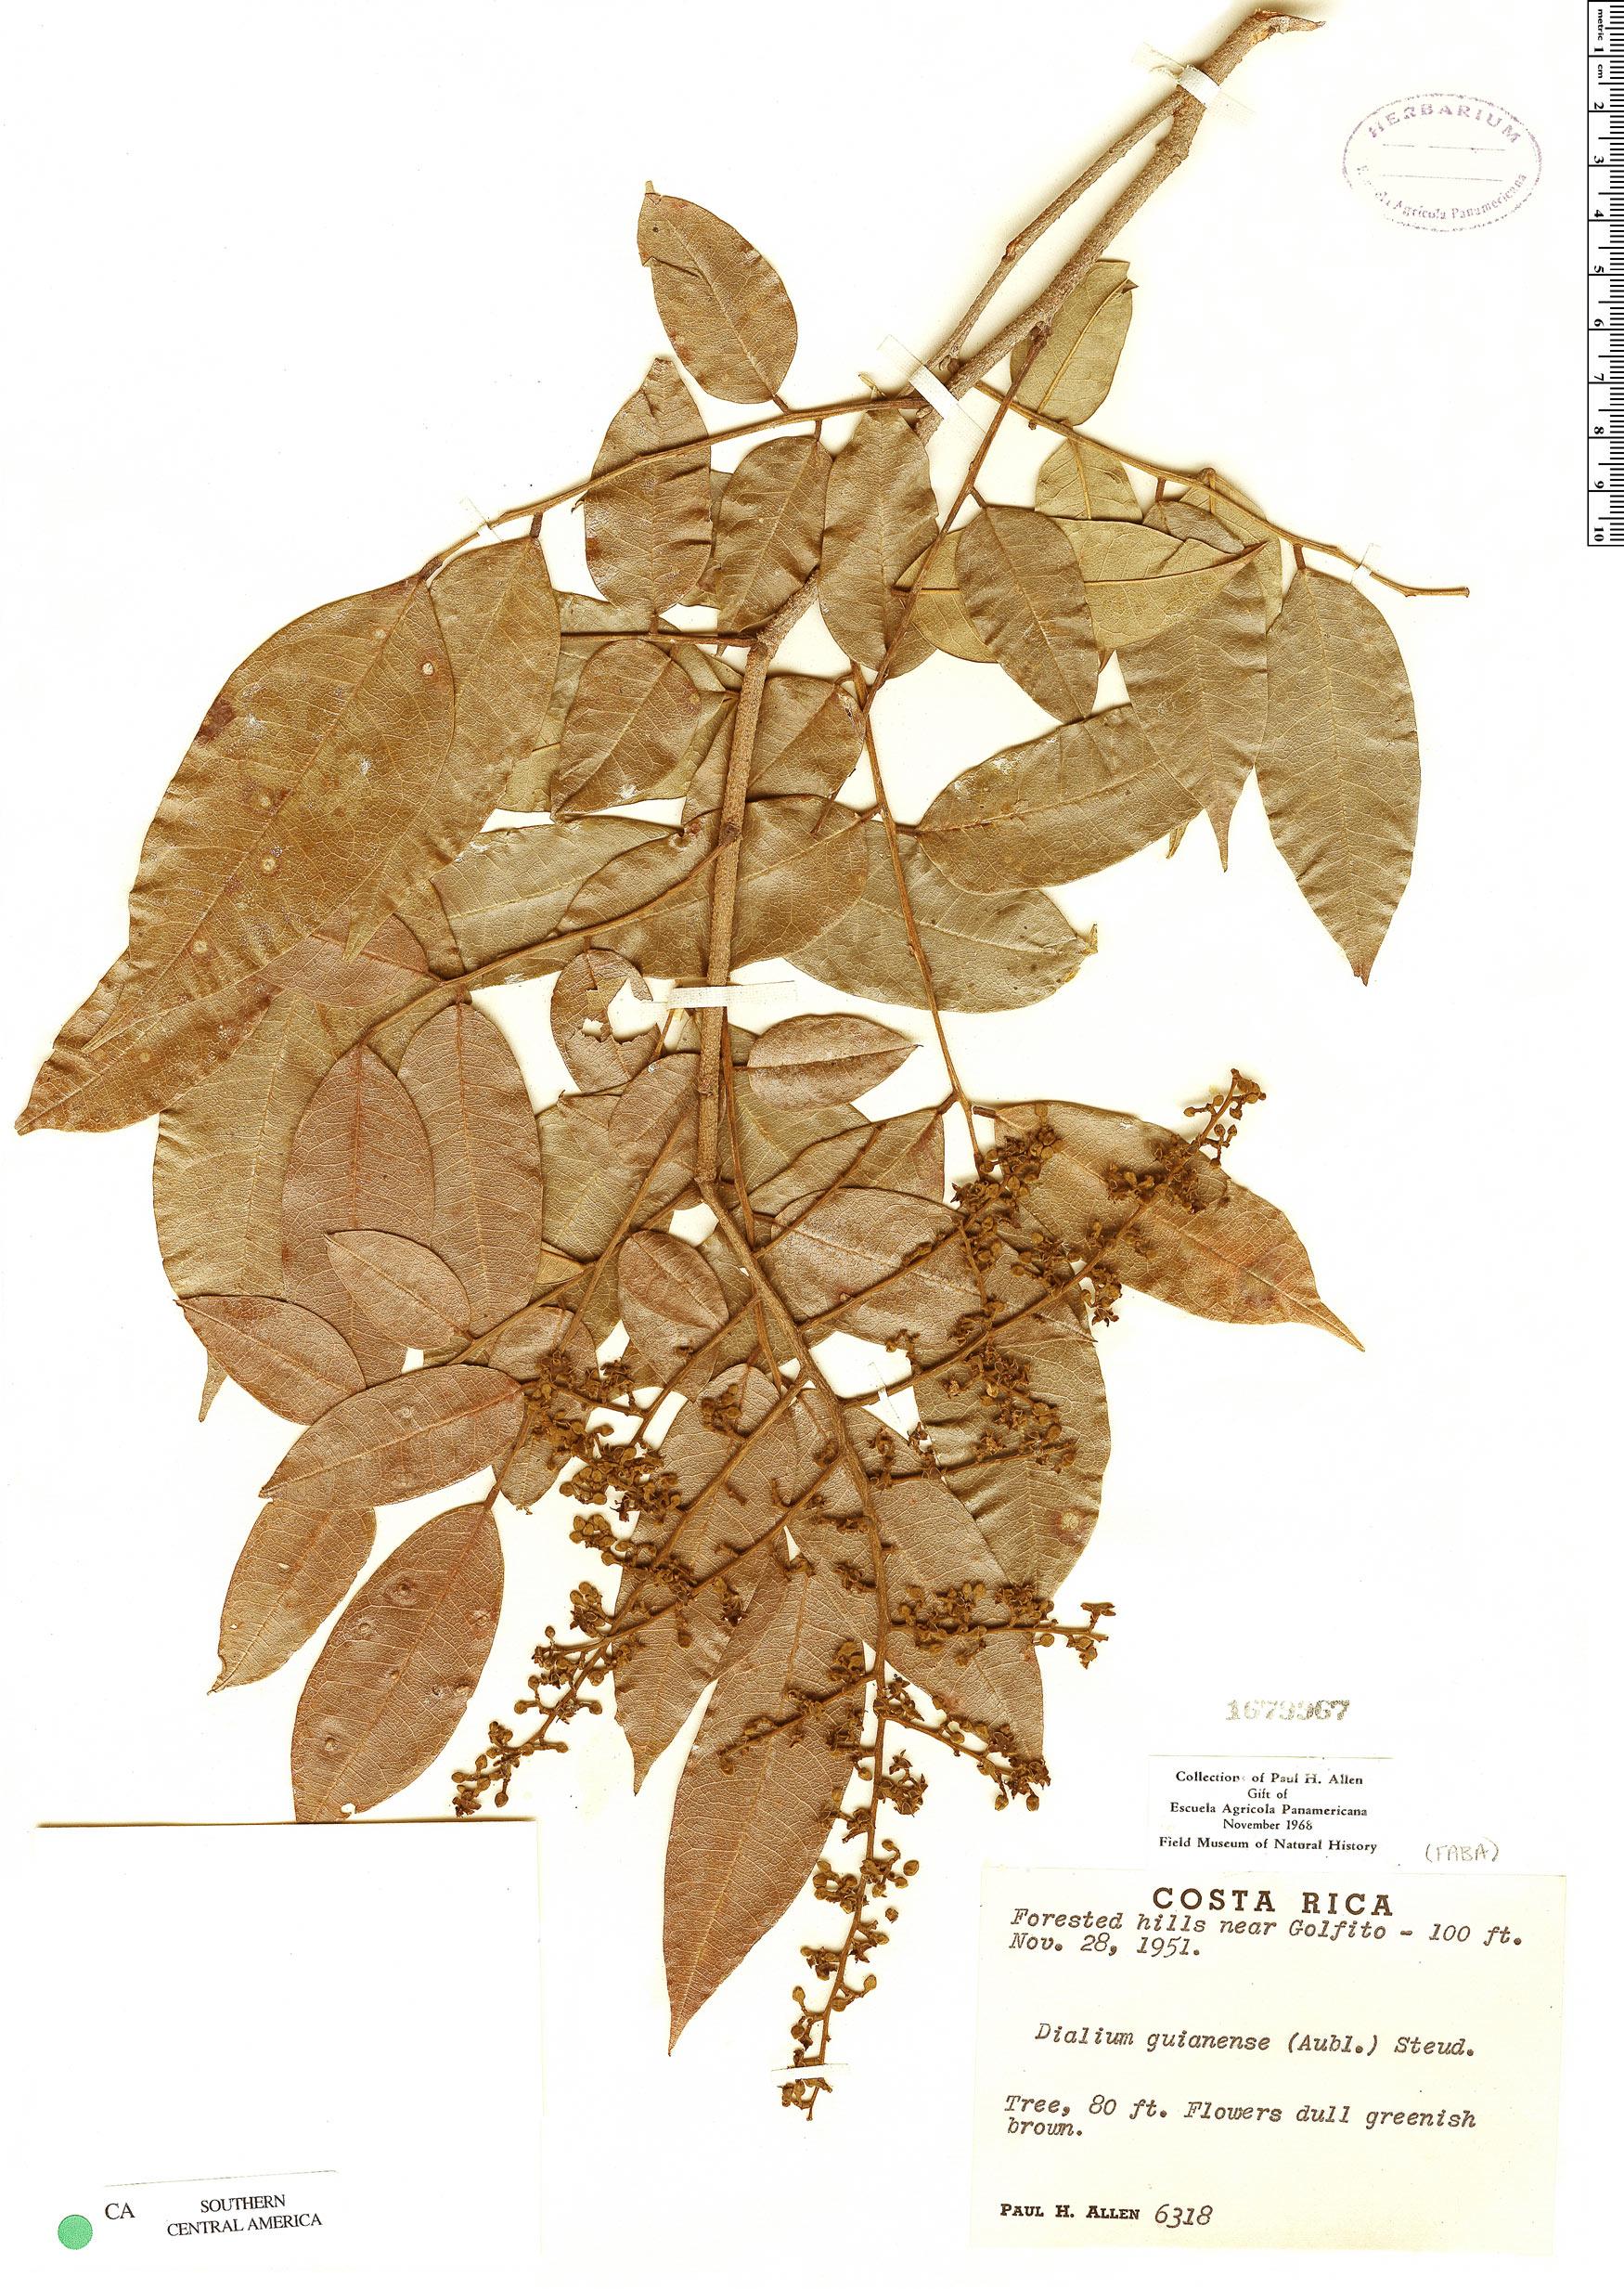 Specimen: Dialium guianense